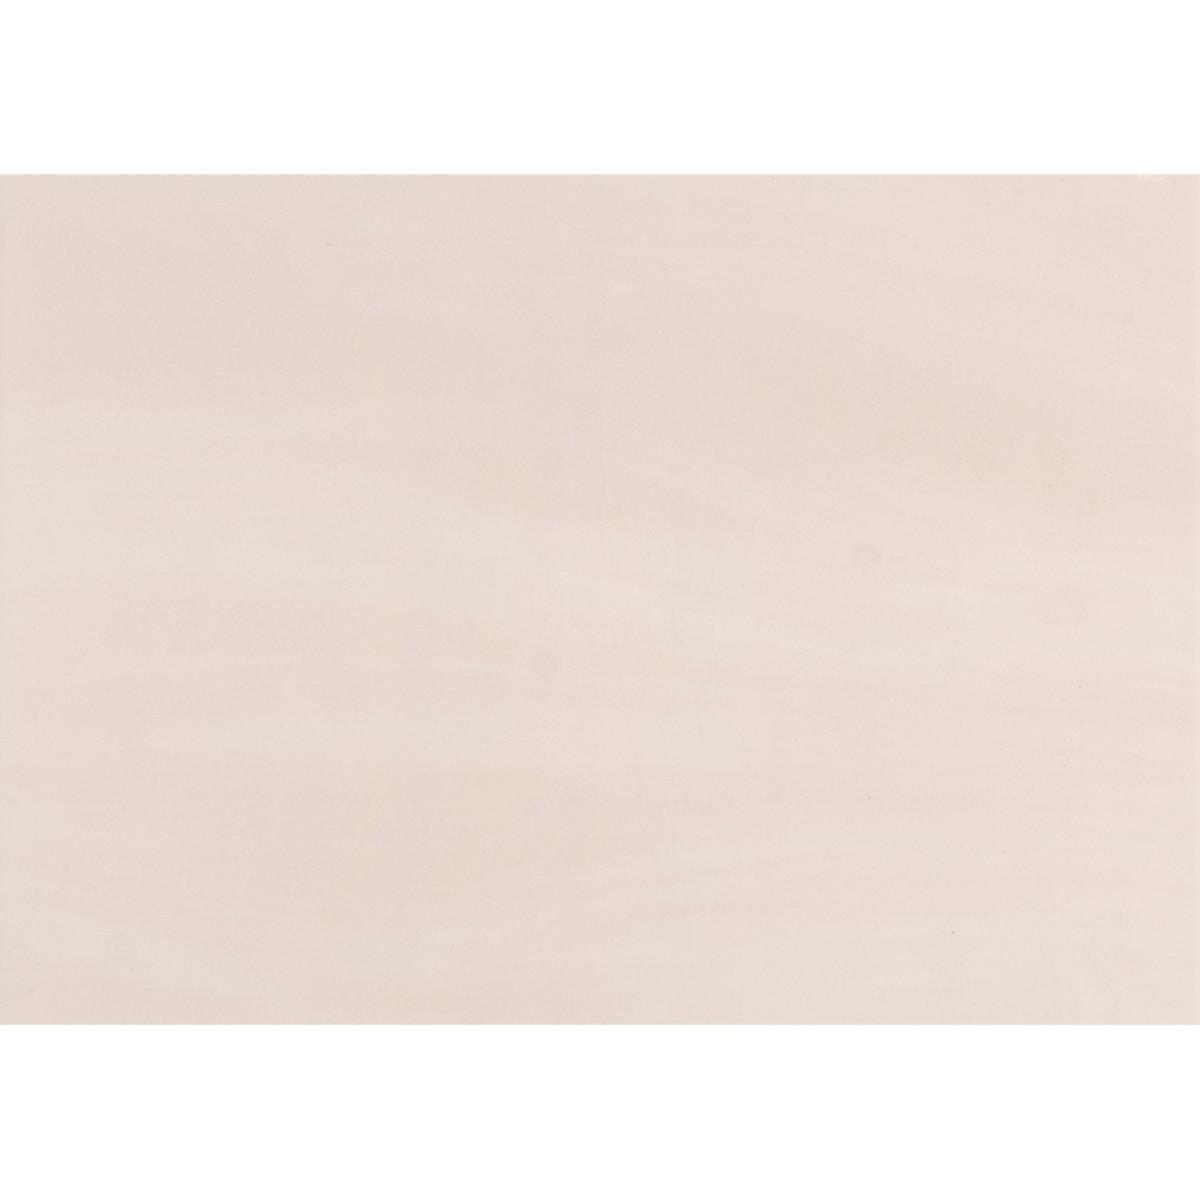 Плитка настенная Агата верх 25х35 см 1.58 м2 цвет розовый